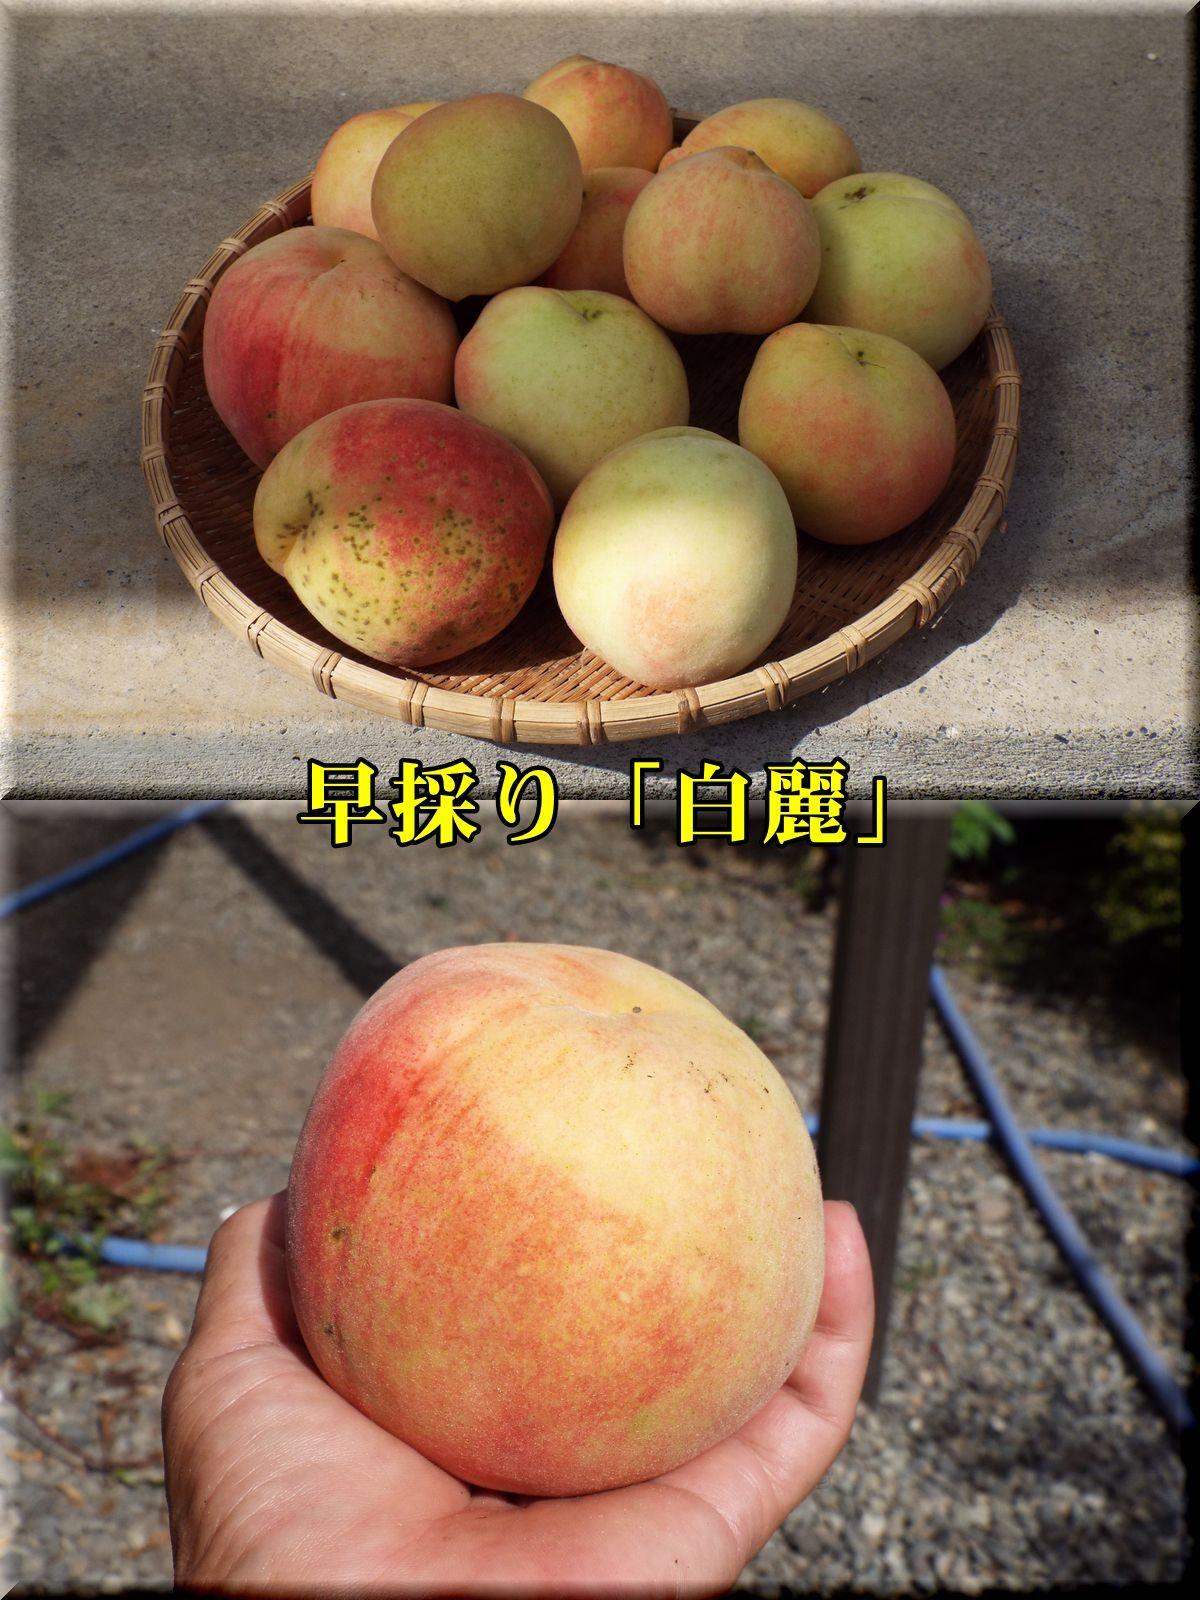 1hakurei160808_019.jpg